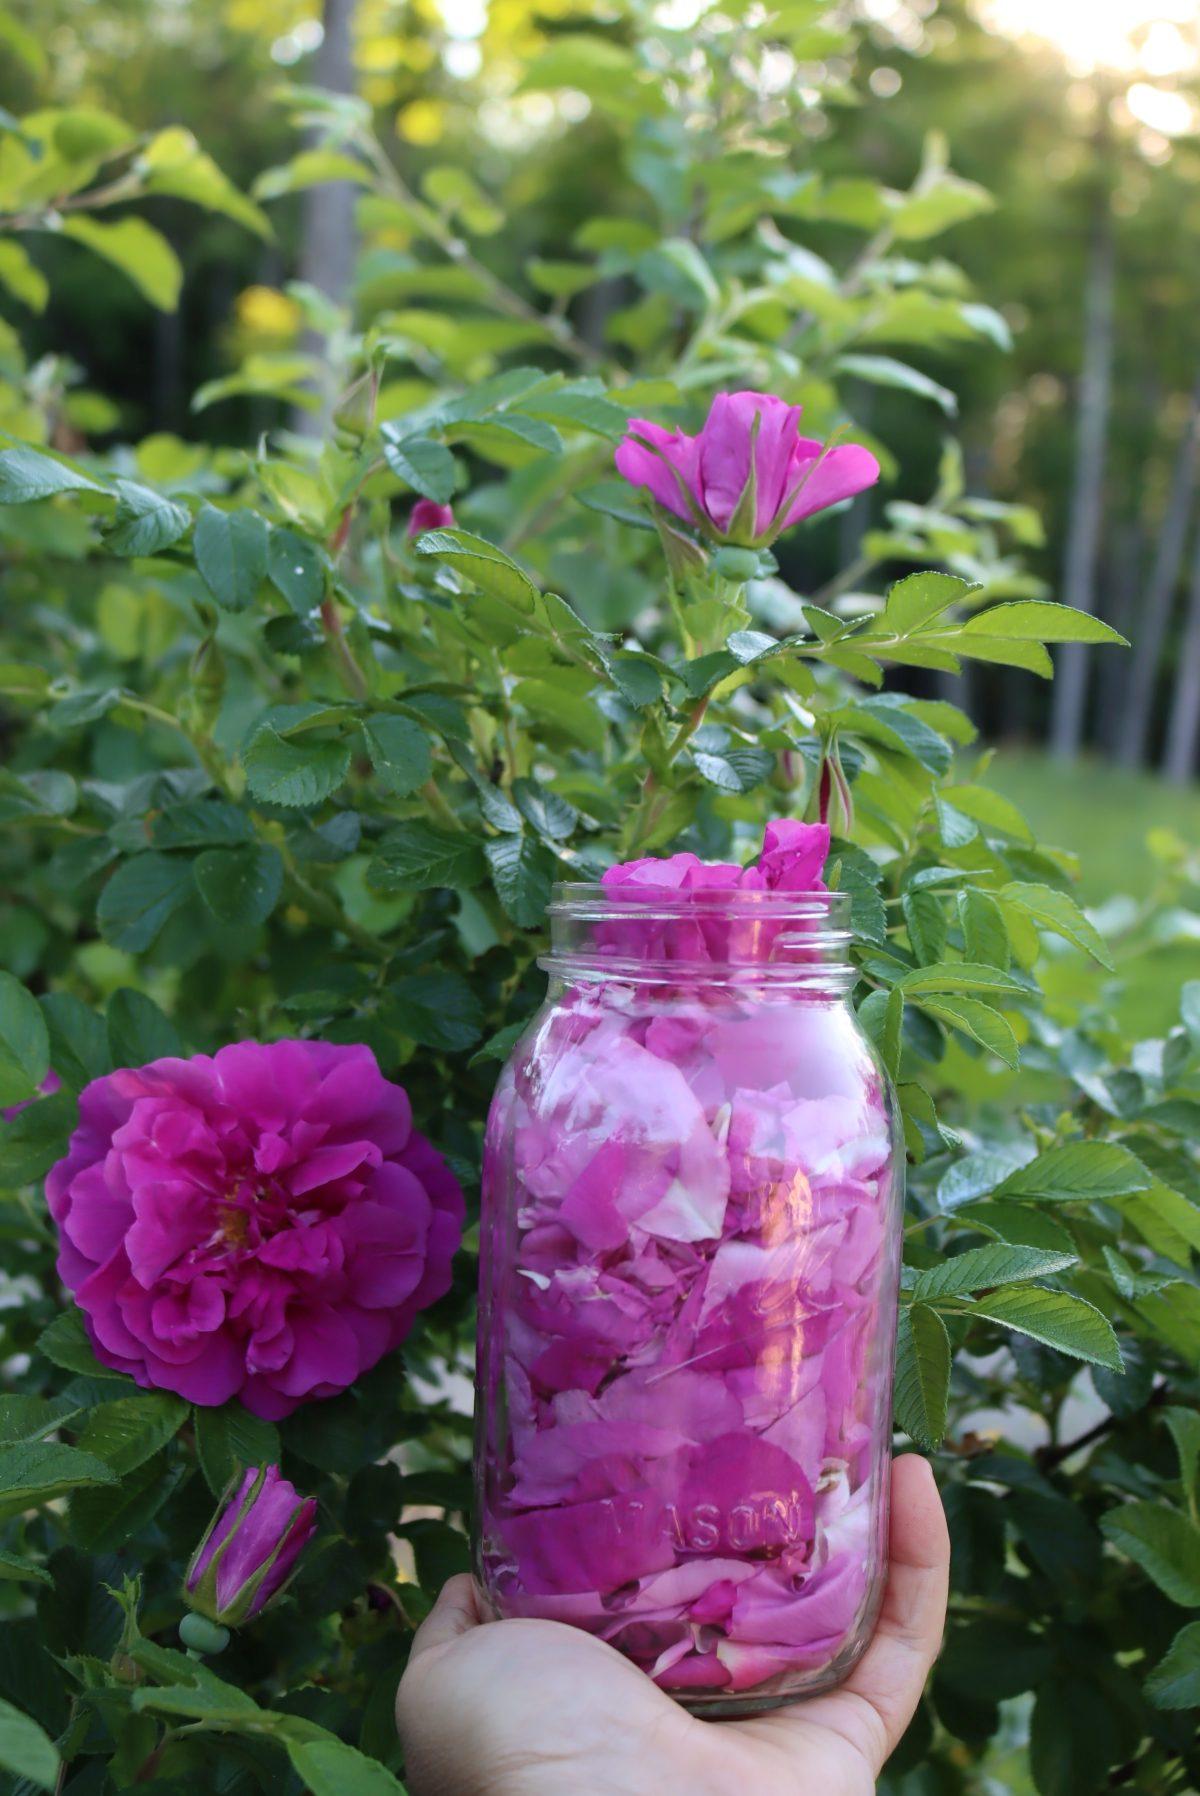 Rose Petal Harvest